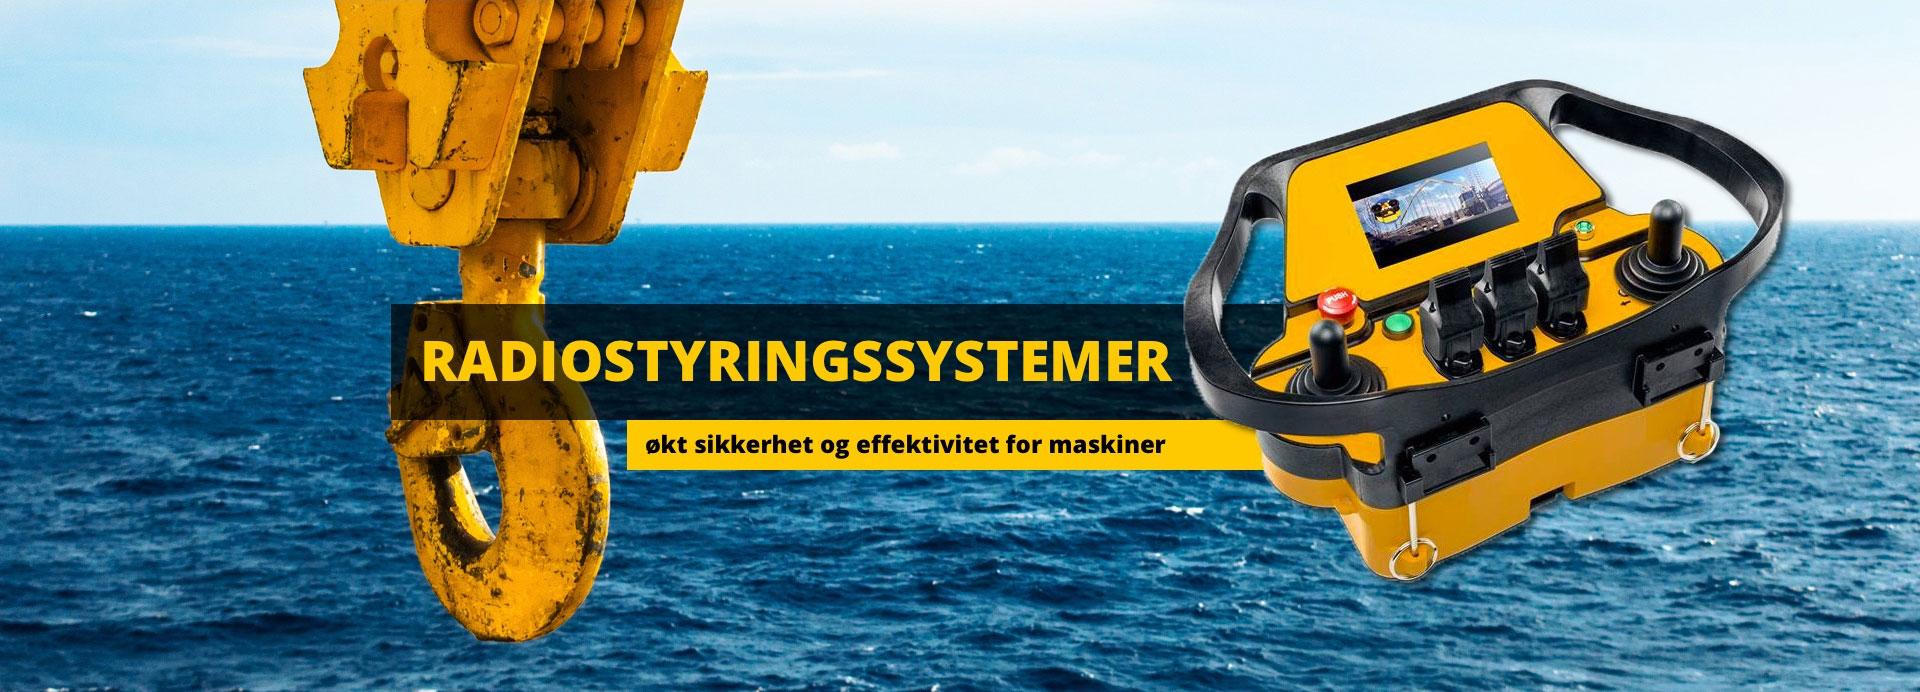 Bilde av kran og radiostyringskontroll med teksten: Radiostyringssystemer, økt sikkerhet og effektivitet for maskiner